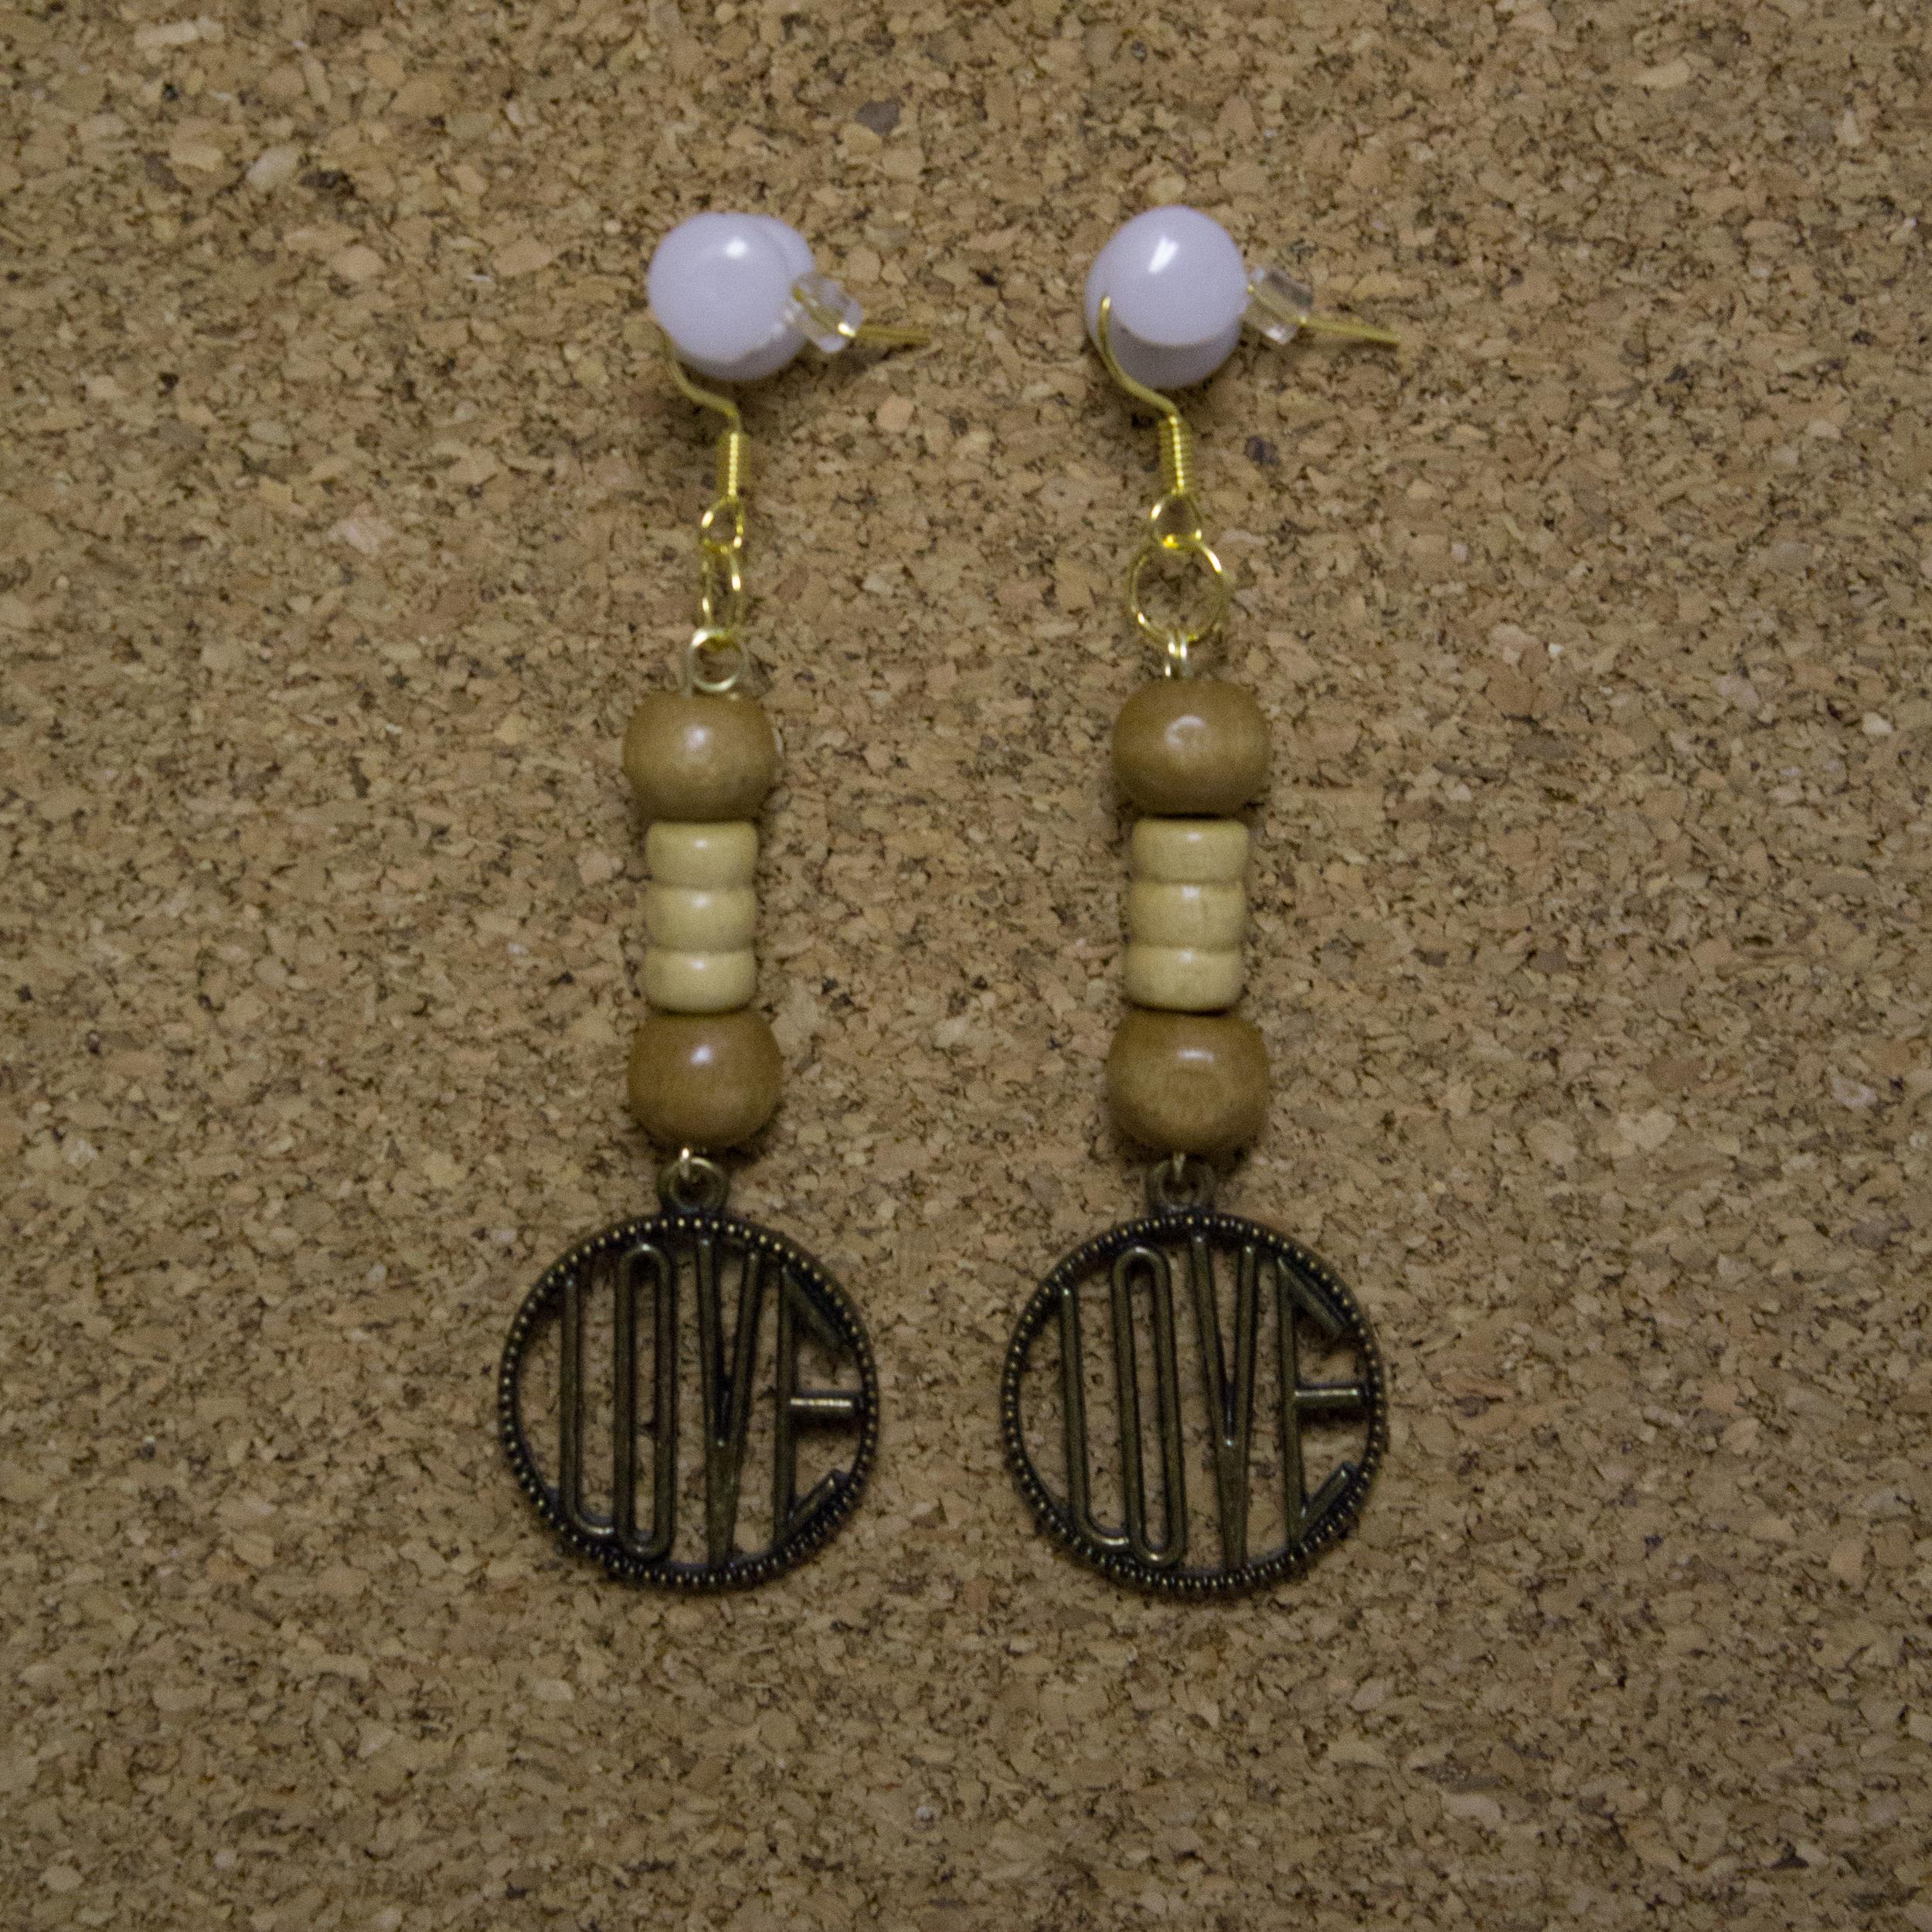 Love Earrings - $5